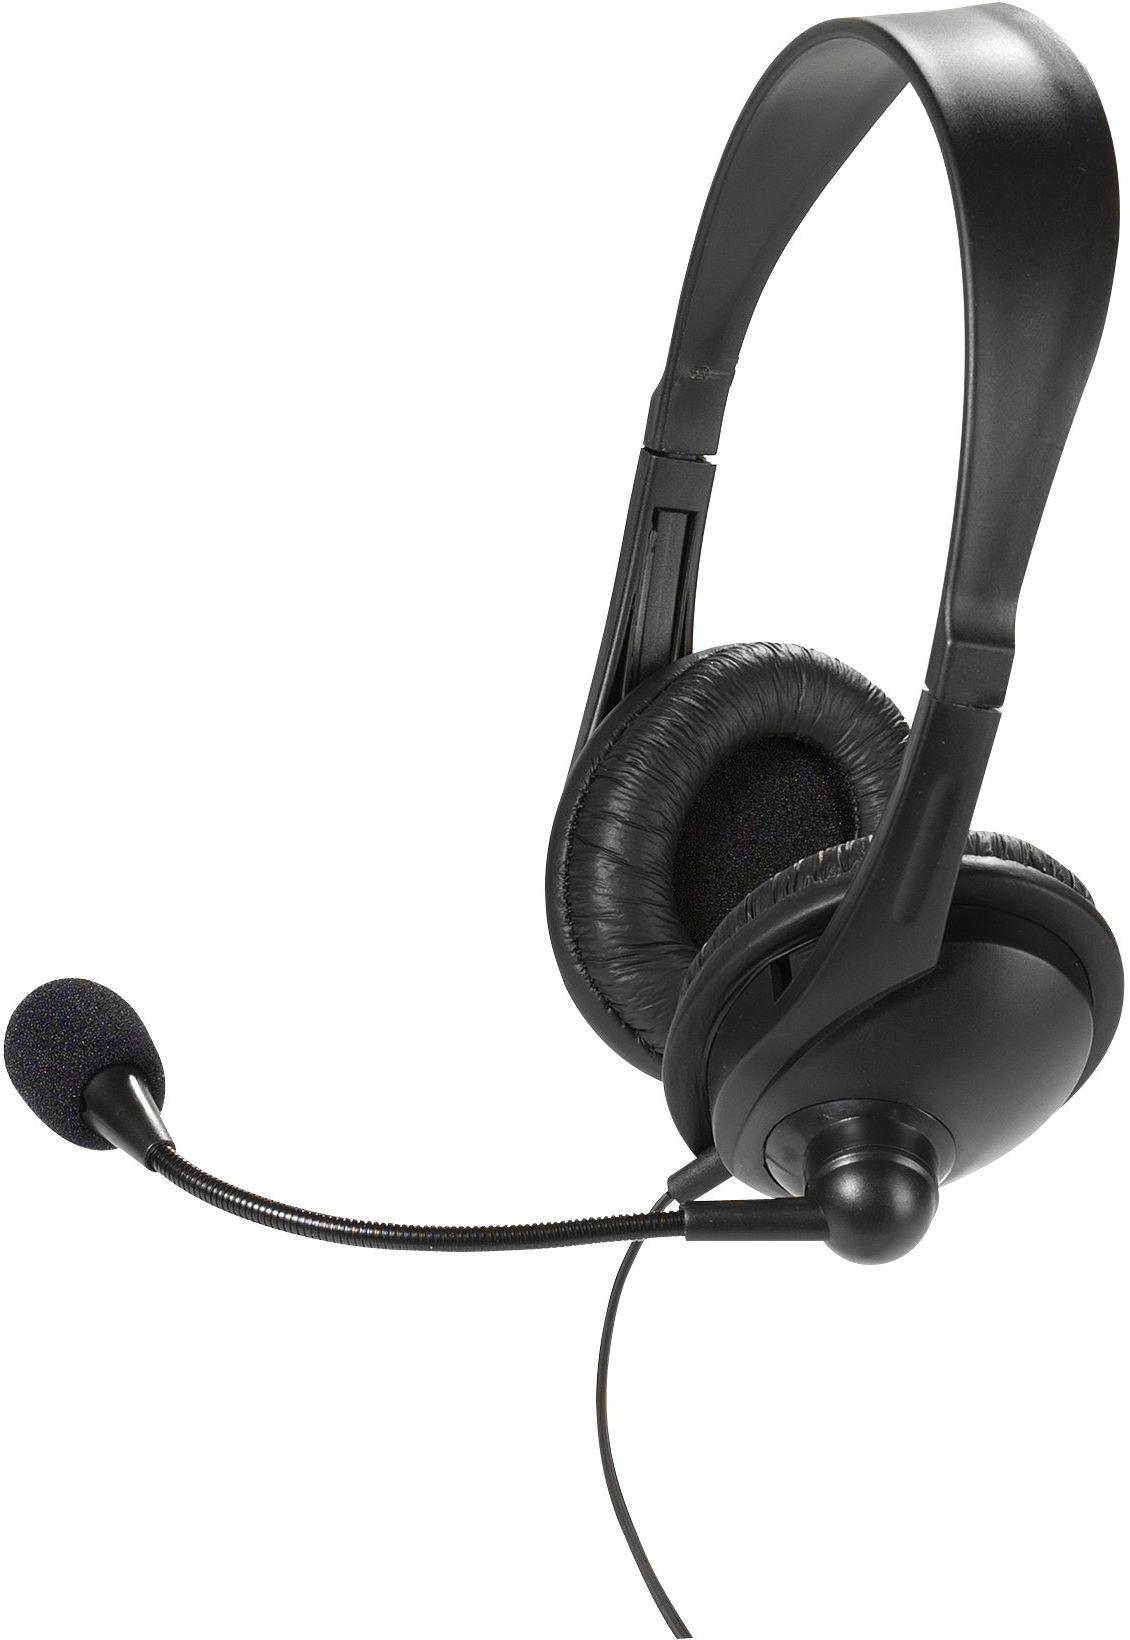 Vivanco IT-HS STEREO RC zestaw słuchawkowy stereo z pilotem zdalnego sterowania (otwieranie na ucho, regulator głośności), czarny